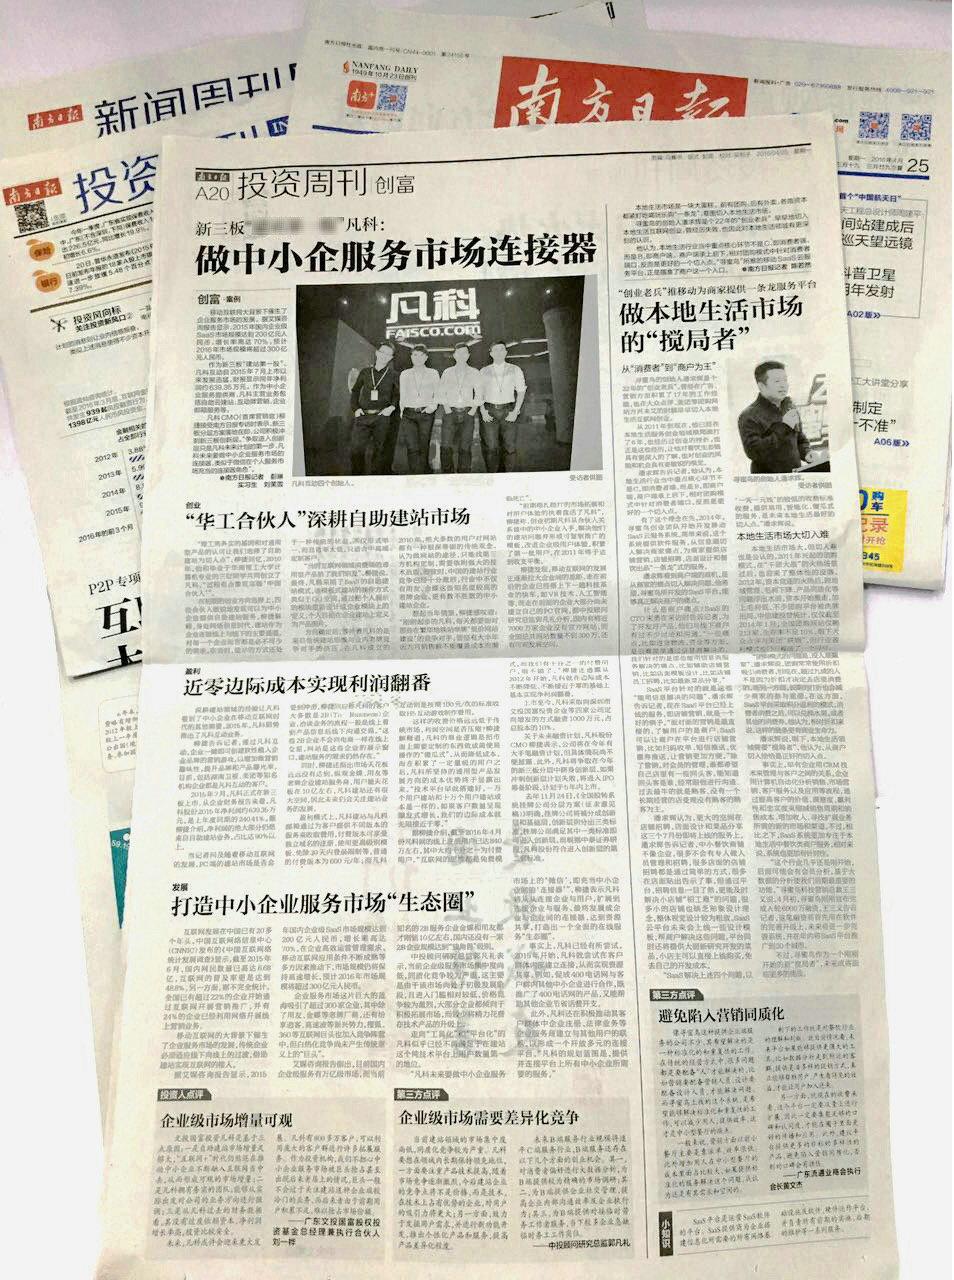 南方日報報道:凡科做中小企業服務市場連接器